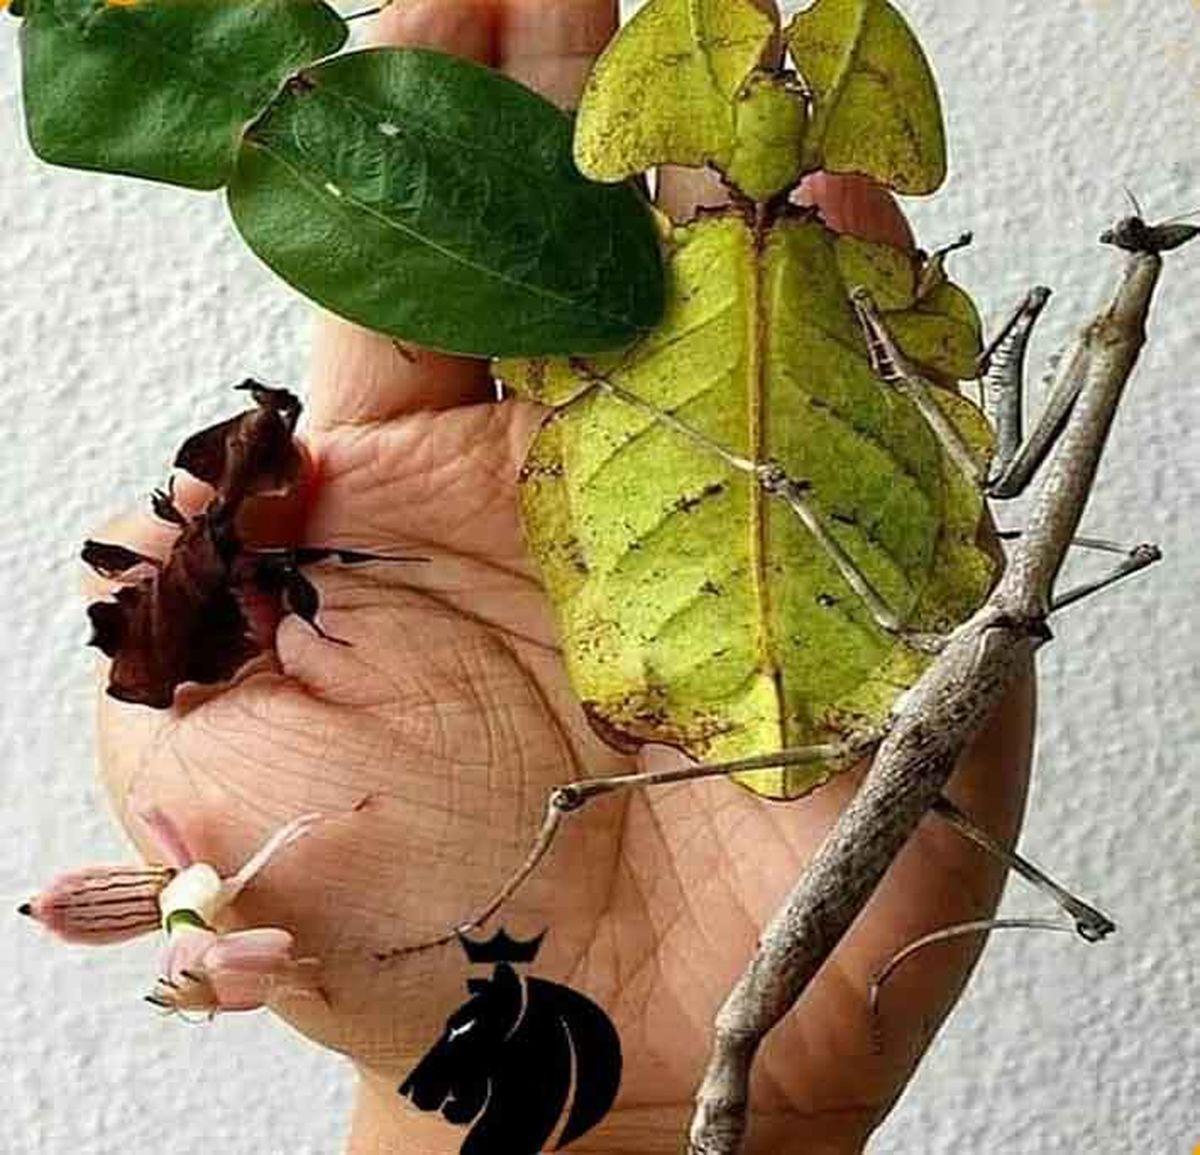 باورنکردنی؛حشره هایی که شبیه شاخه و برگ هستند